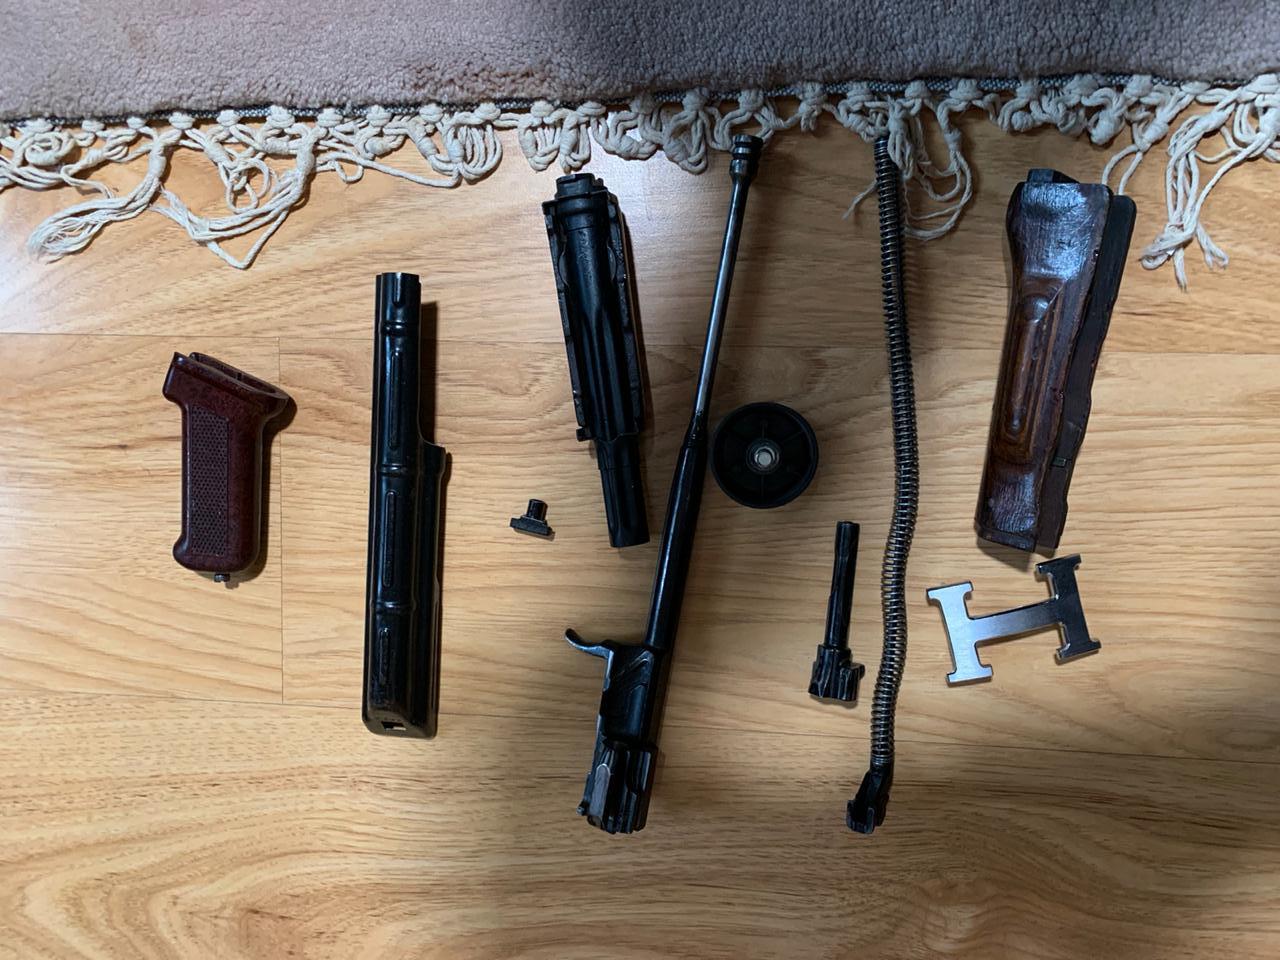 Мешканці Василькова незаконно зберігали вдома зброю і боєприпаси - боєприпаси - 126265458 828384701258100 8131855516610221369 o